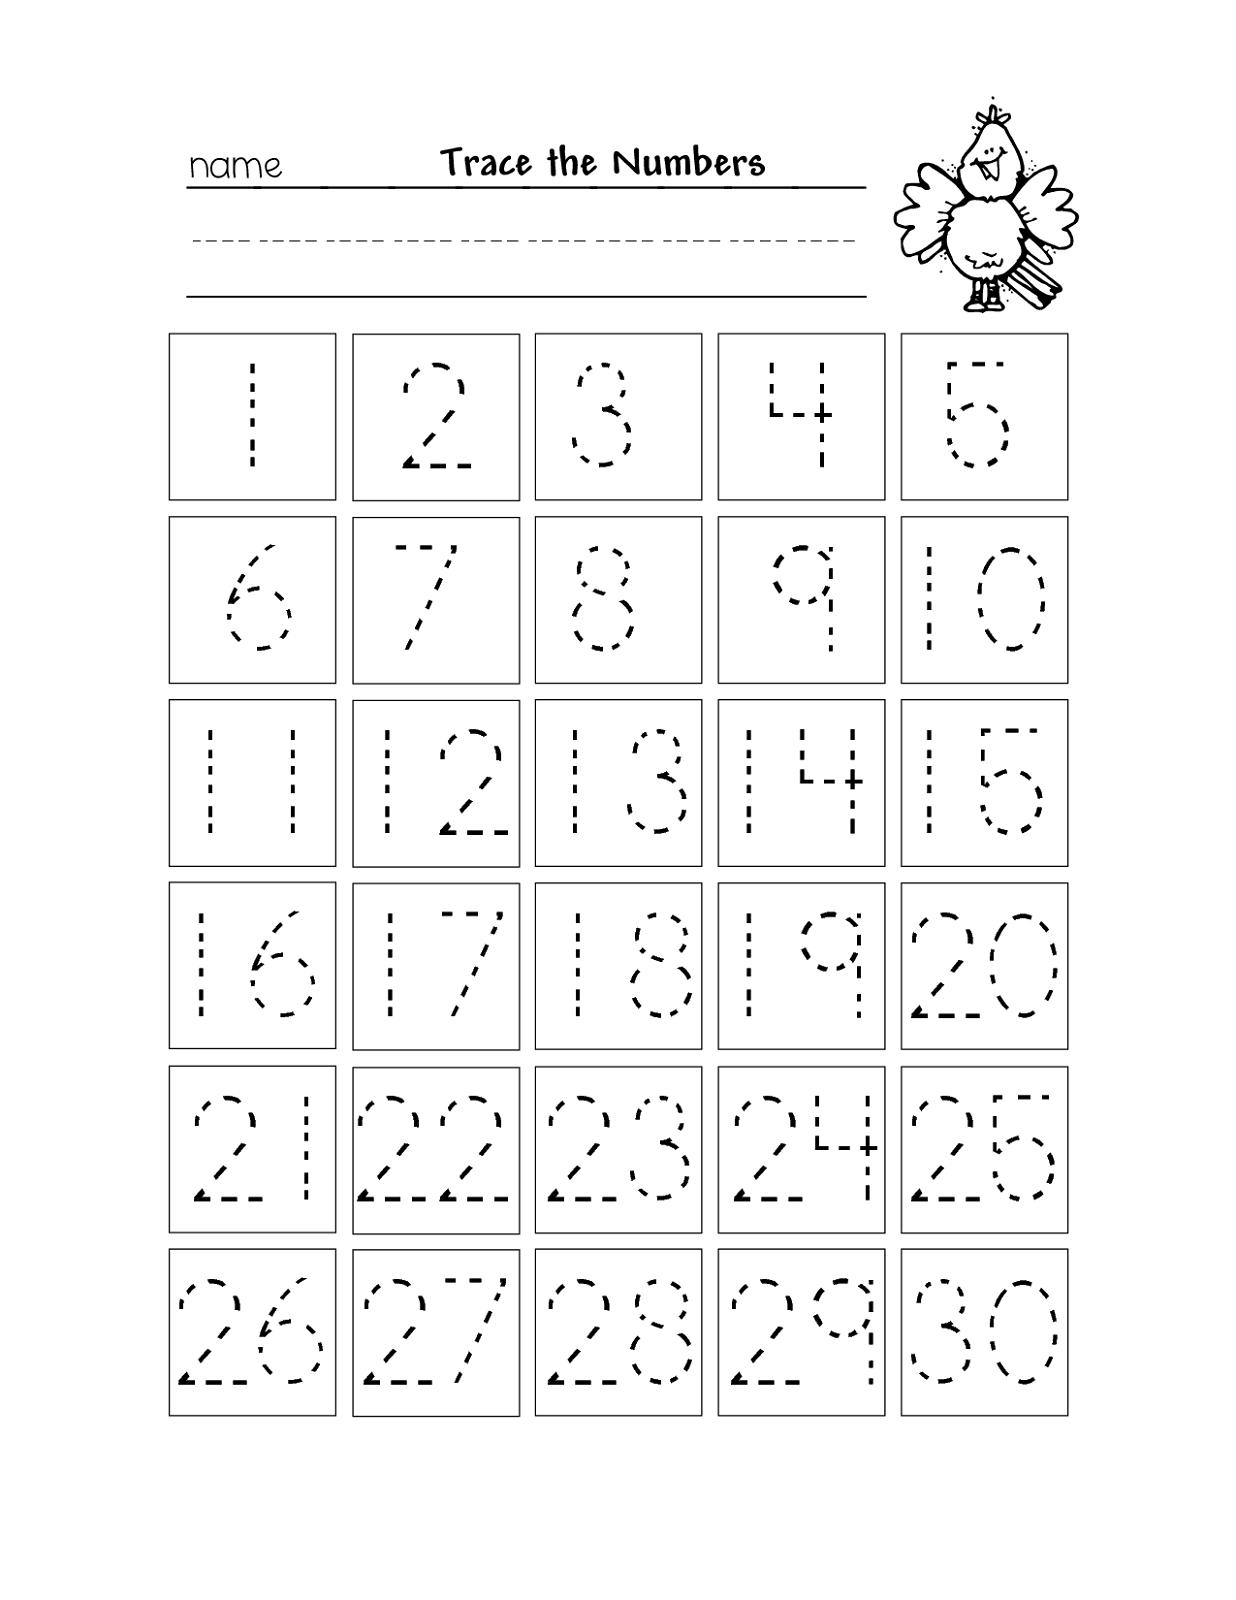 Free Printable Number Chart 1-30 | Kinder | Numbers Preschool - Free Printable Number Worksheets